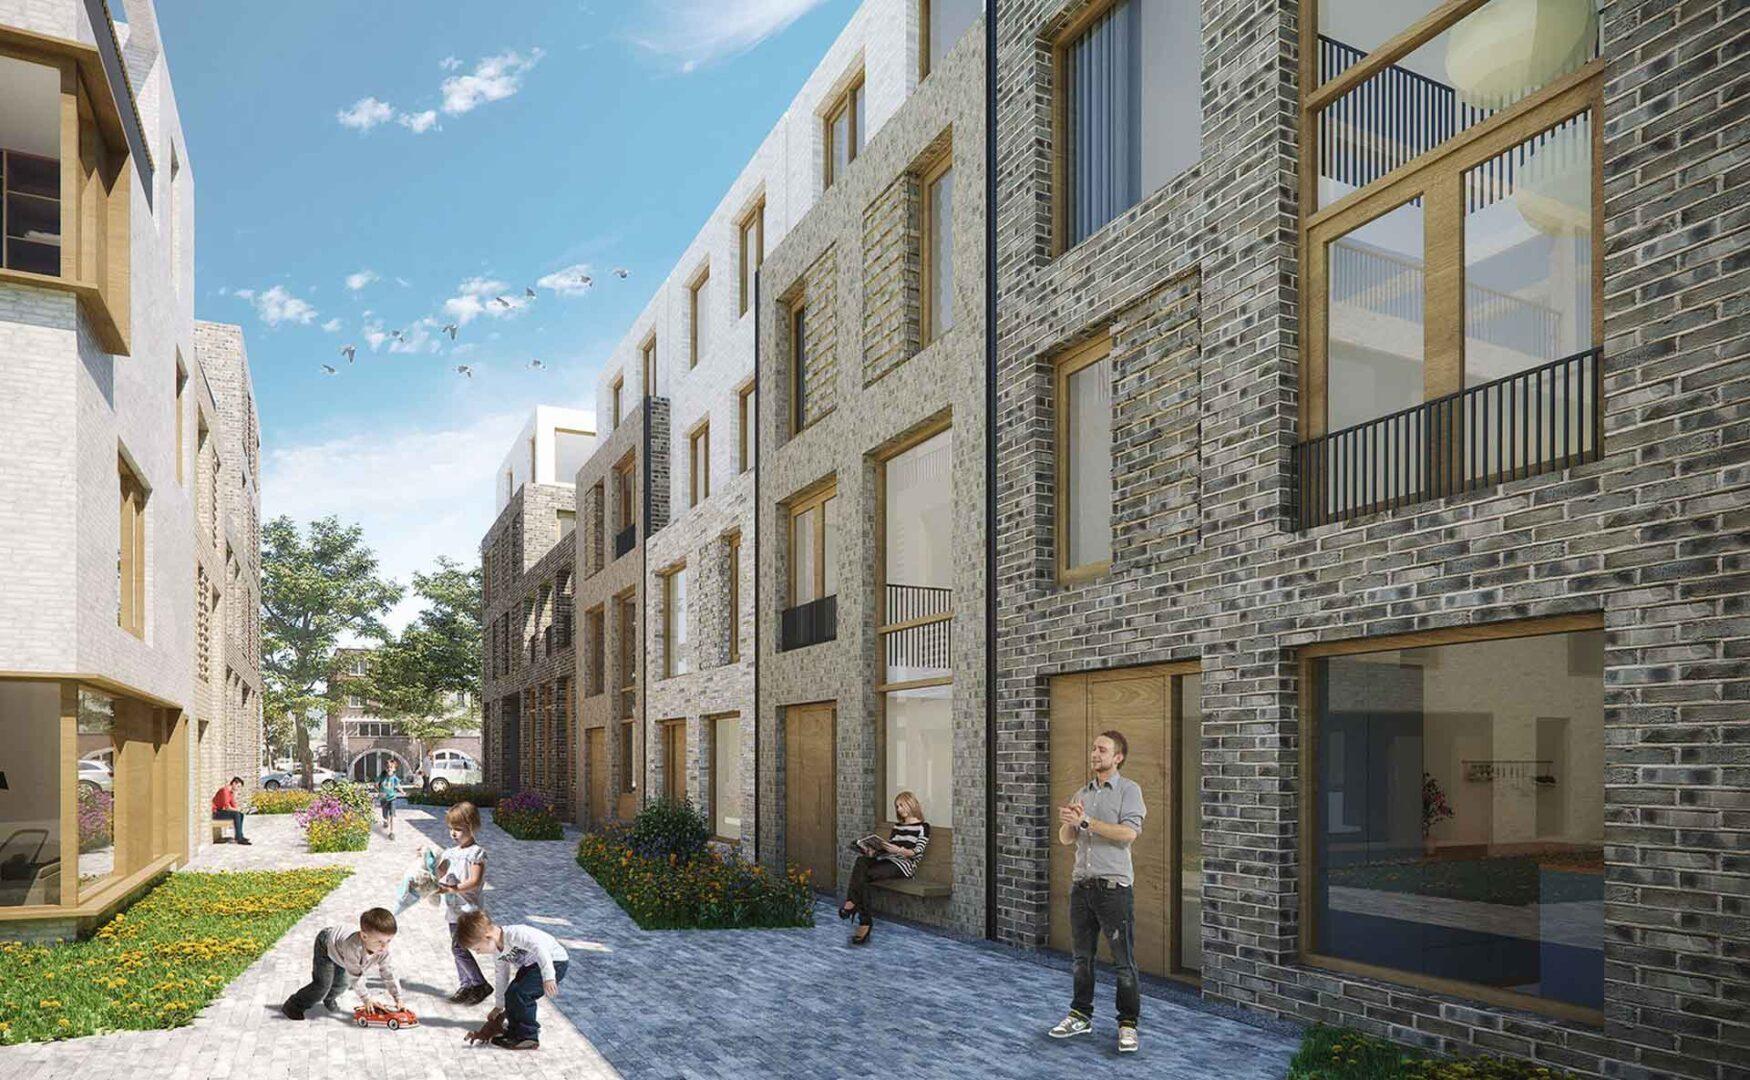 Jannink Courtyard - Impressie Straatje - yoreM - werk